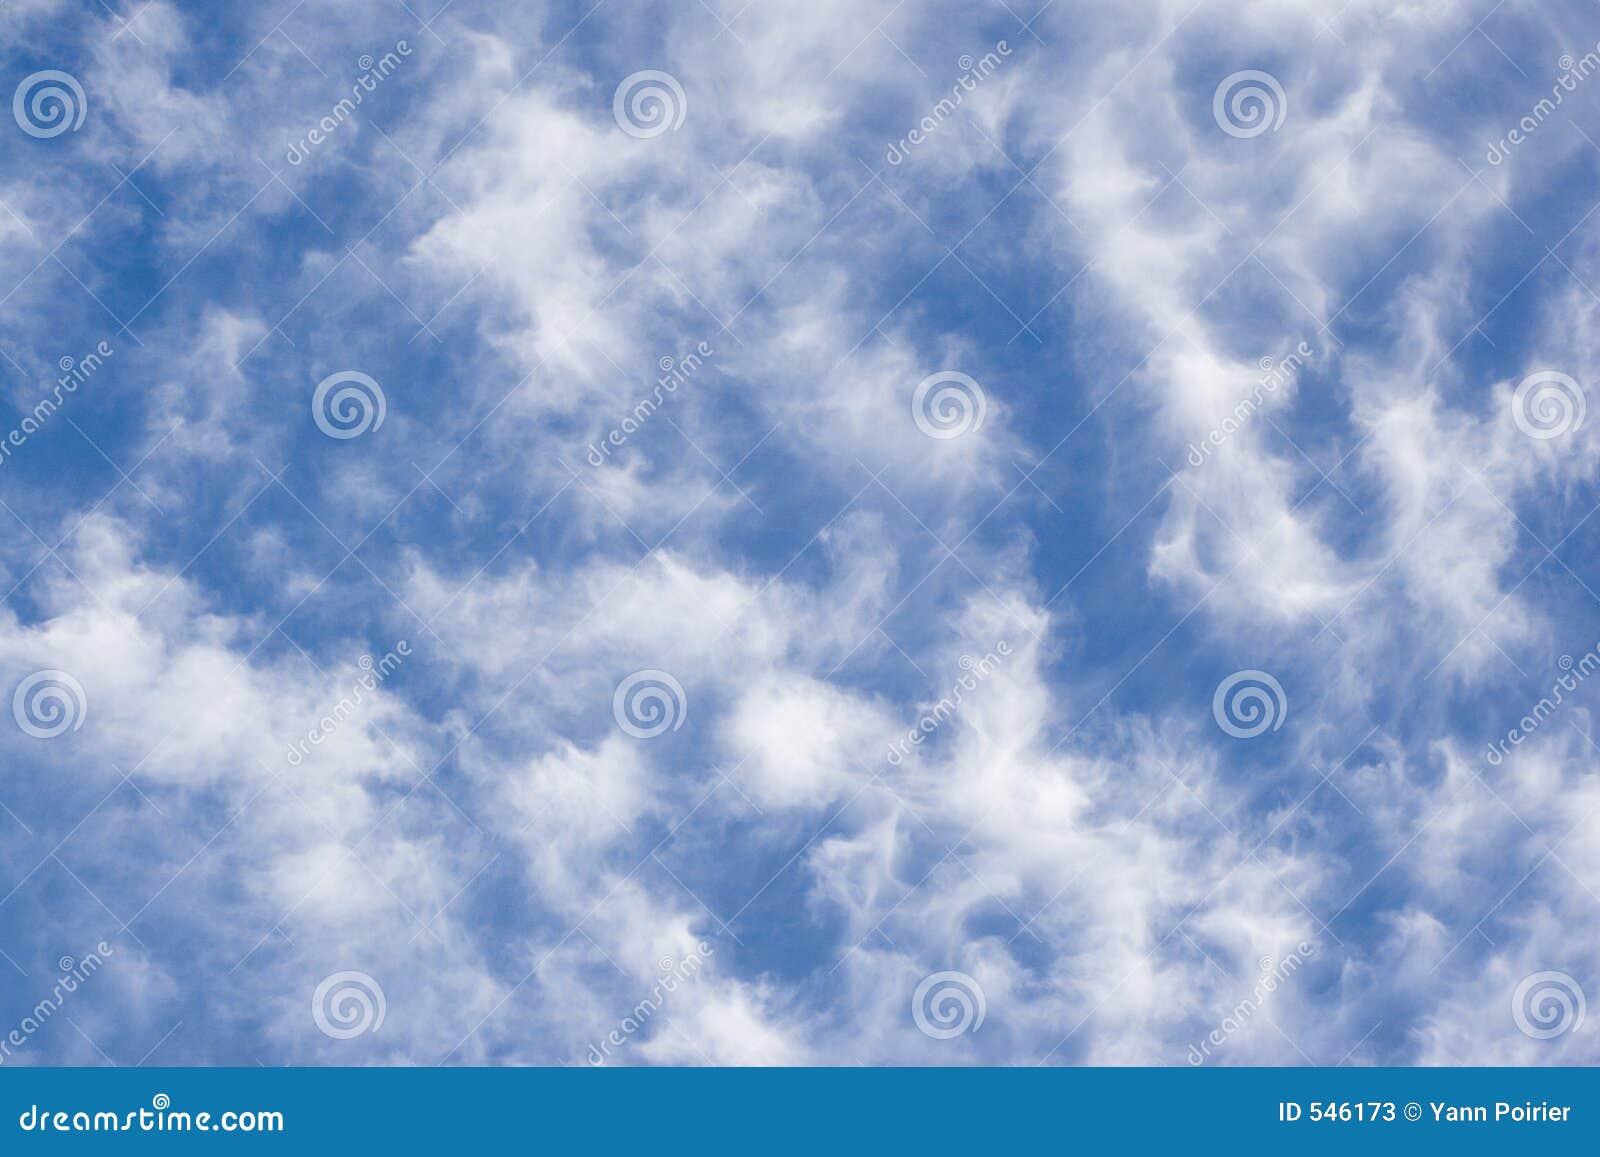 Download 云彩细丝 库存图片. 图片 包括有 虚拟, 干净, 预测, 绒毛, 多云, 云彩, 蓝色, 天堂, 照亮, 天空 - 546173